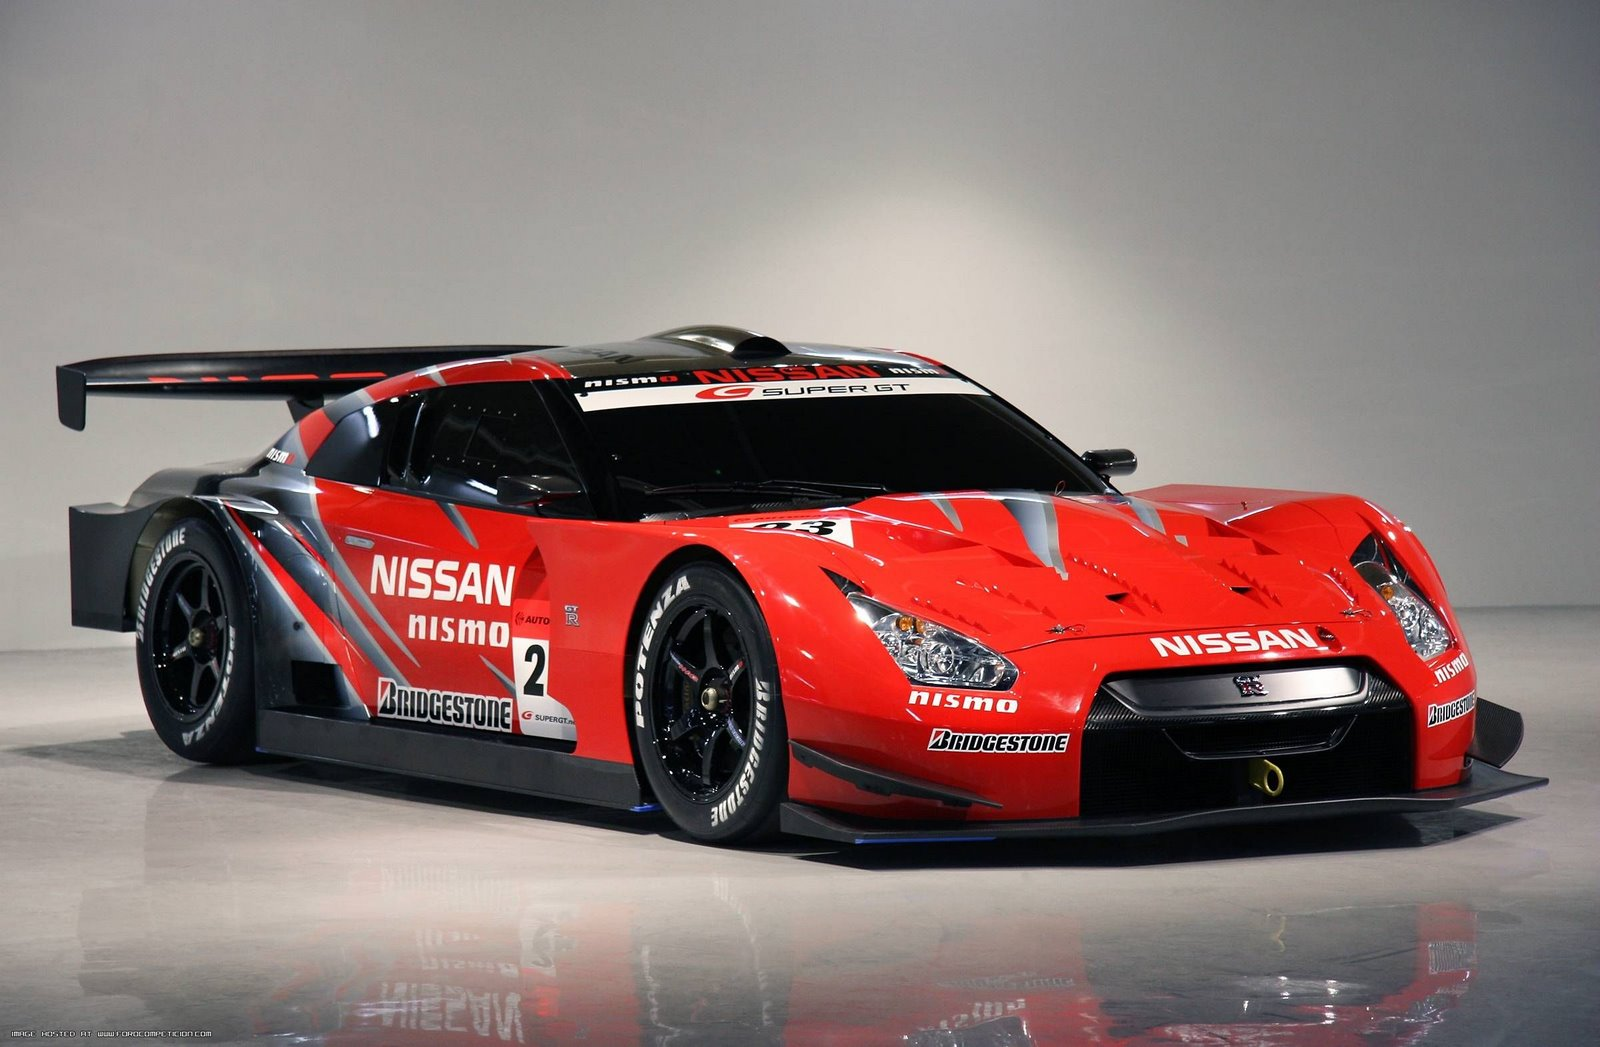 http://4.bp.blogspot.com/-G49T0DbFkhw/TezfczRMNbI/AAAAAAAAAVg/ox3OTZ0t0iE/s1600/nissan-gt-r-2008-super-gt-gt500-test-car-078.jpg